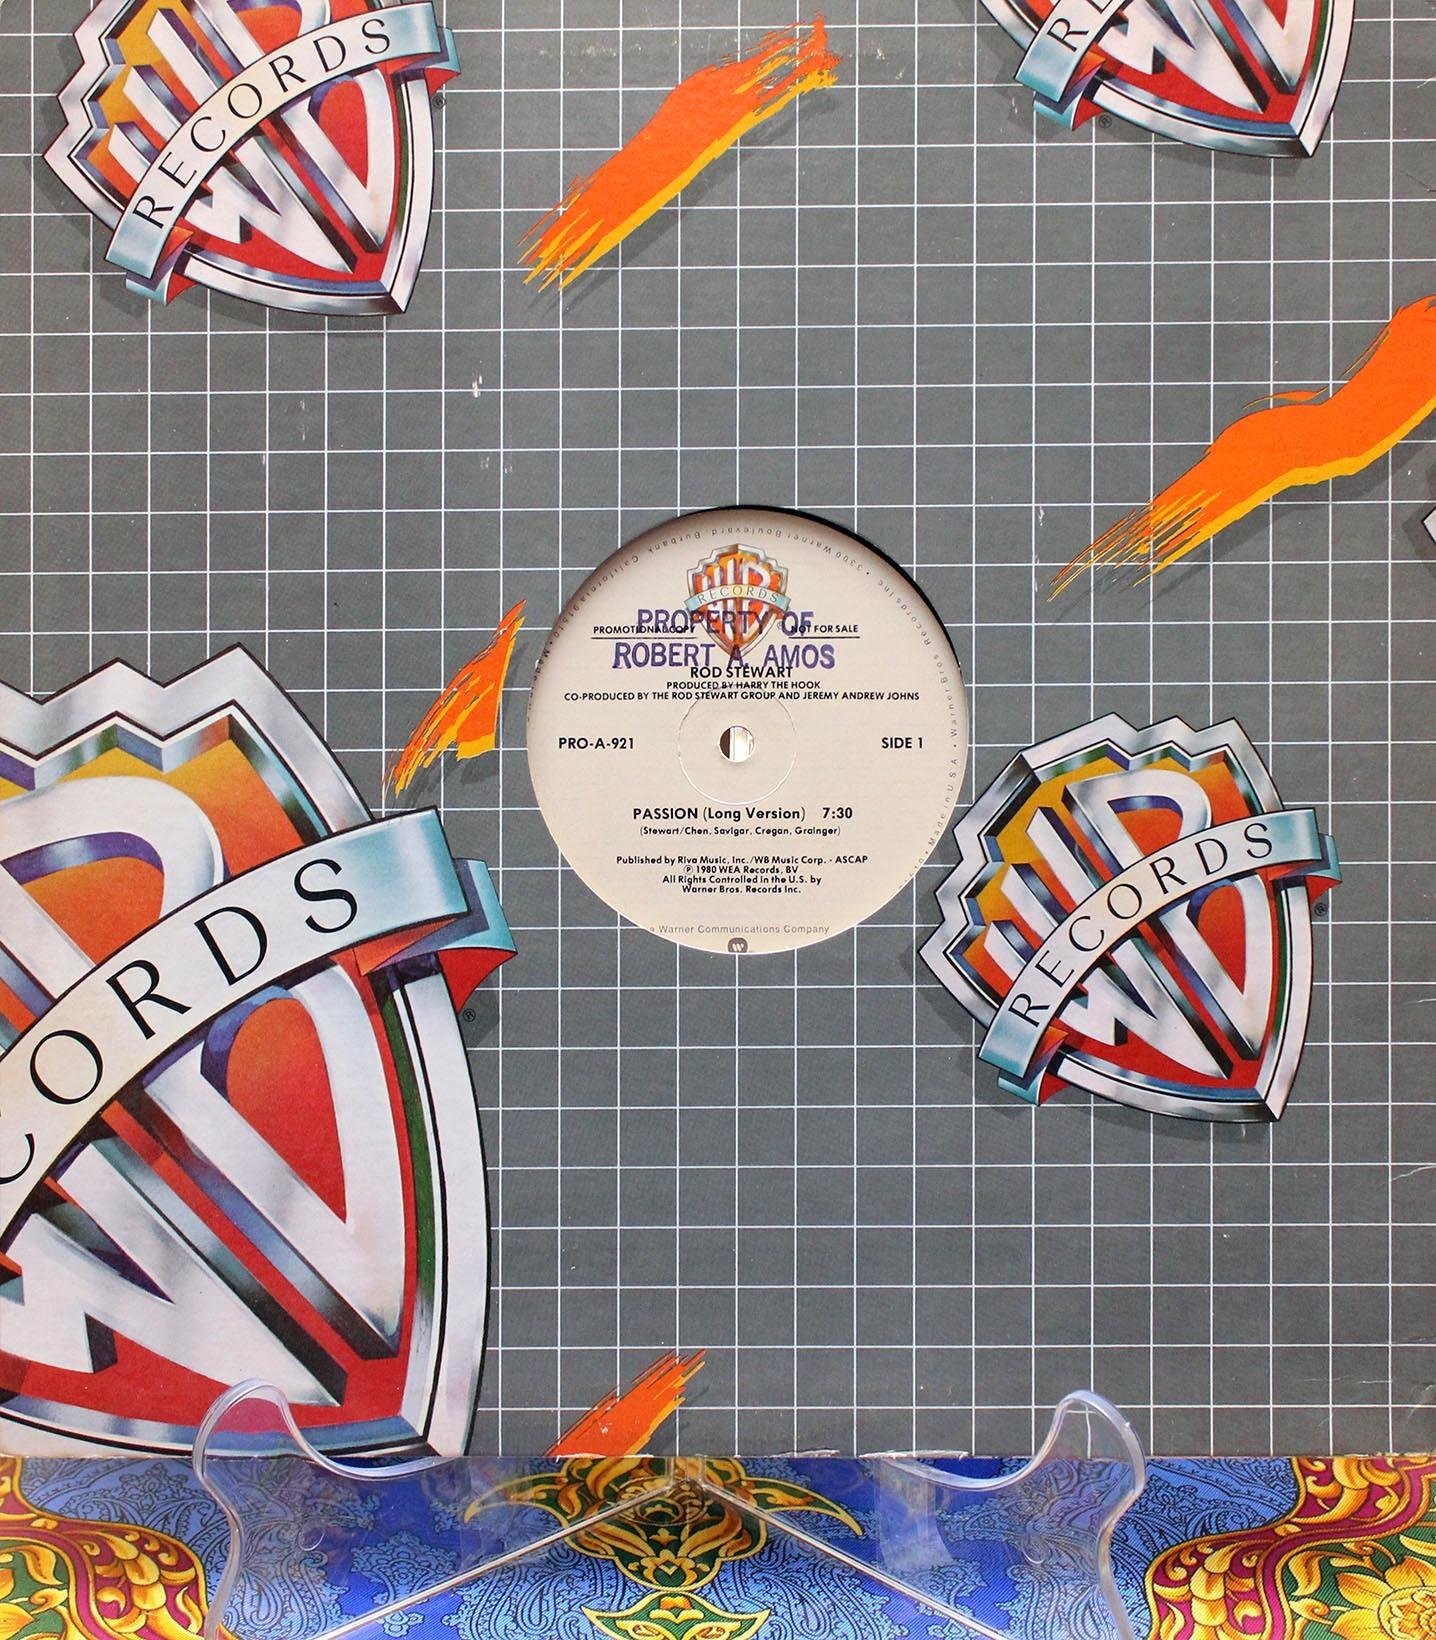 Rod Stewart – Passion 01